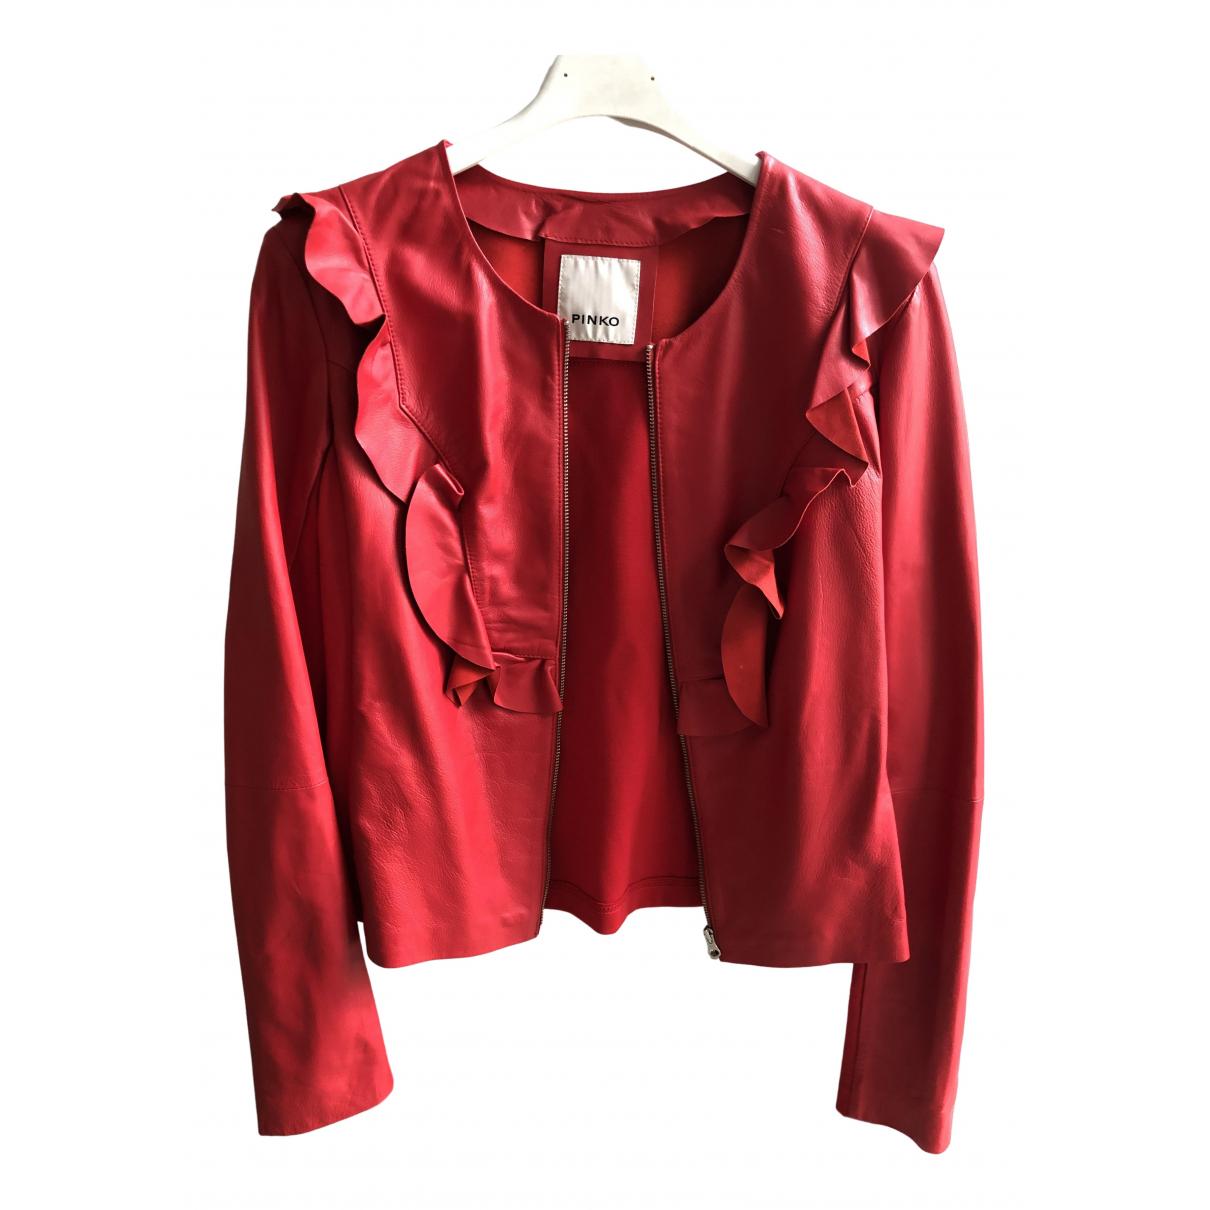 Pinko - Blouson   pour femme en cuir - rouge